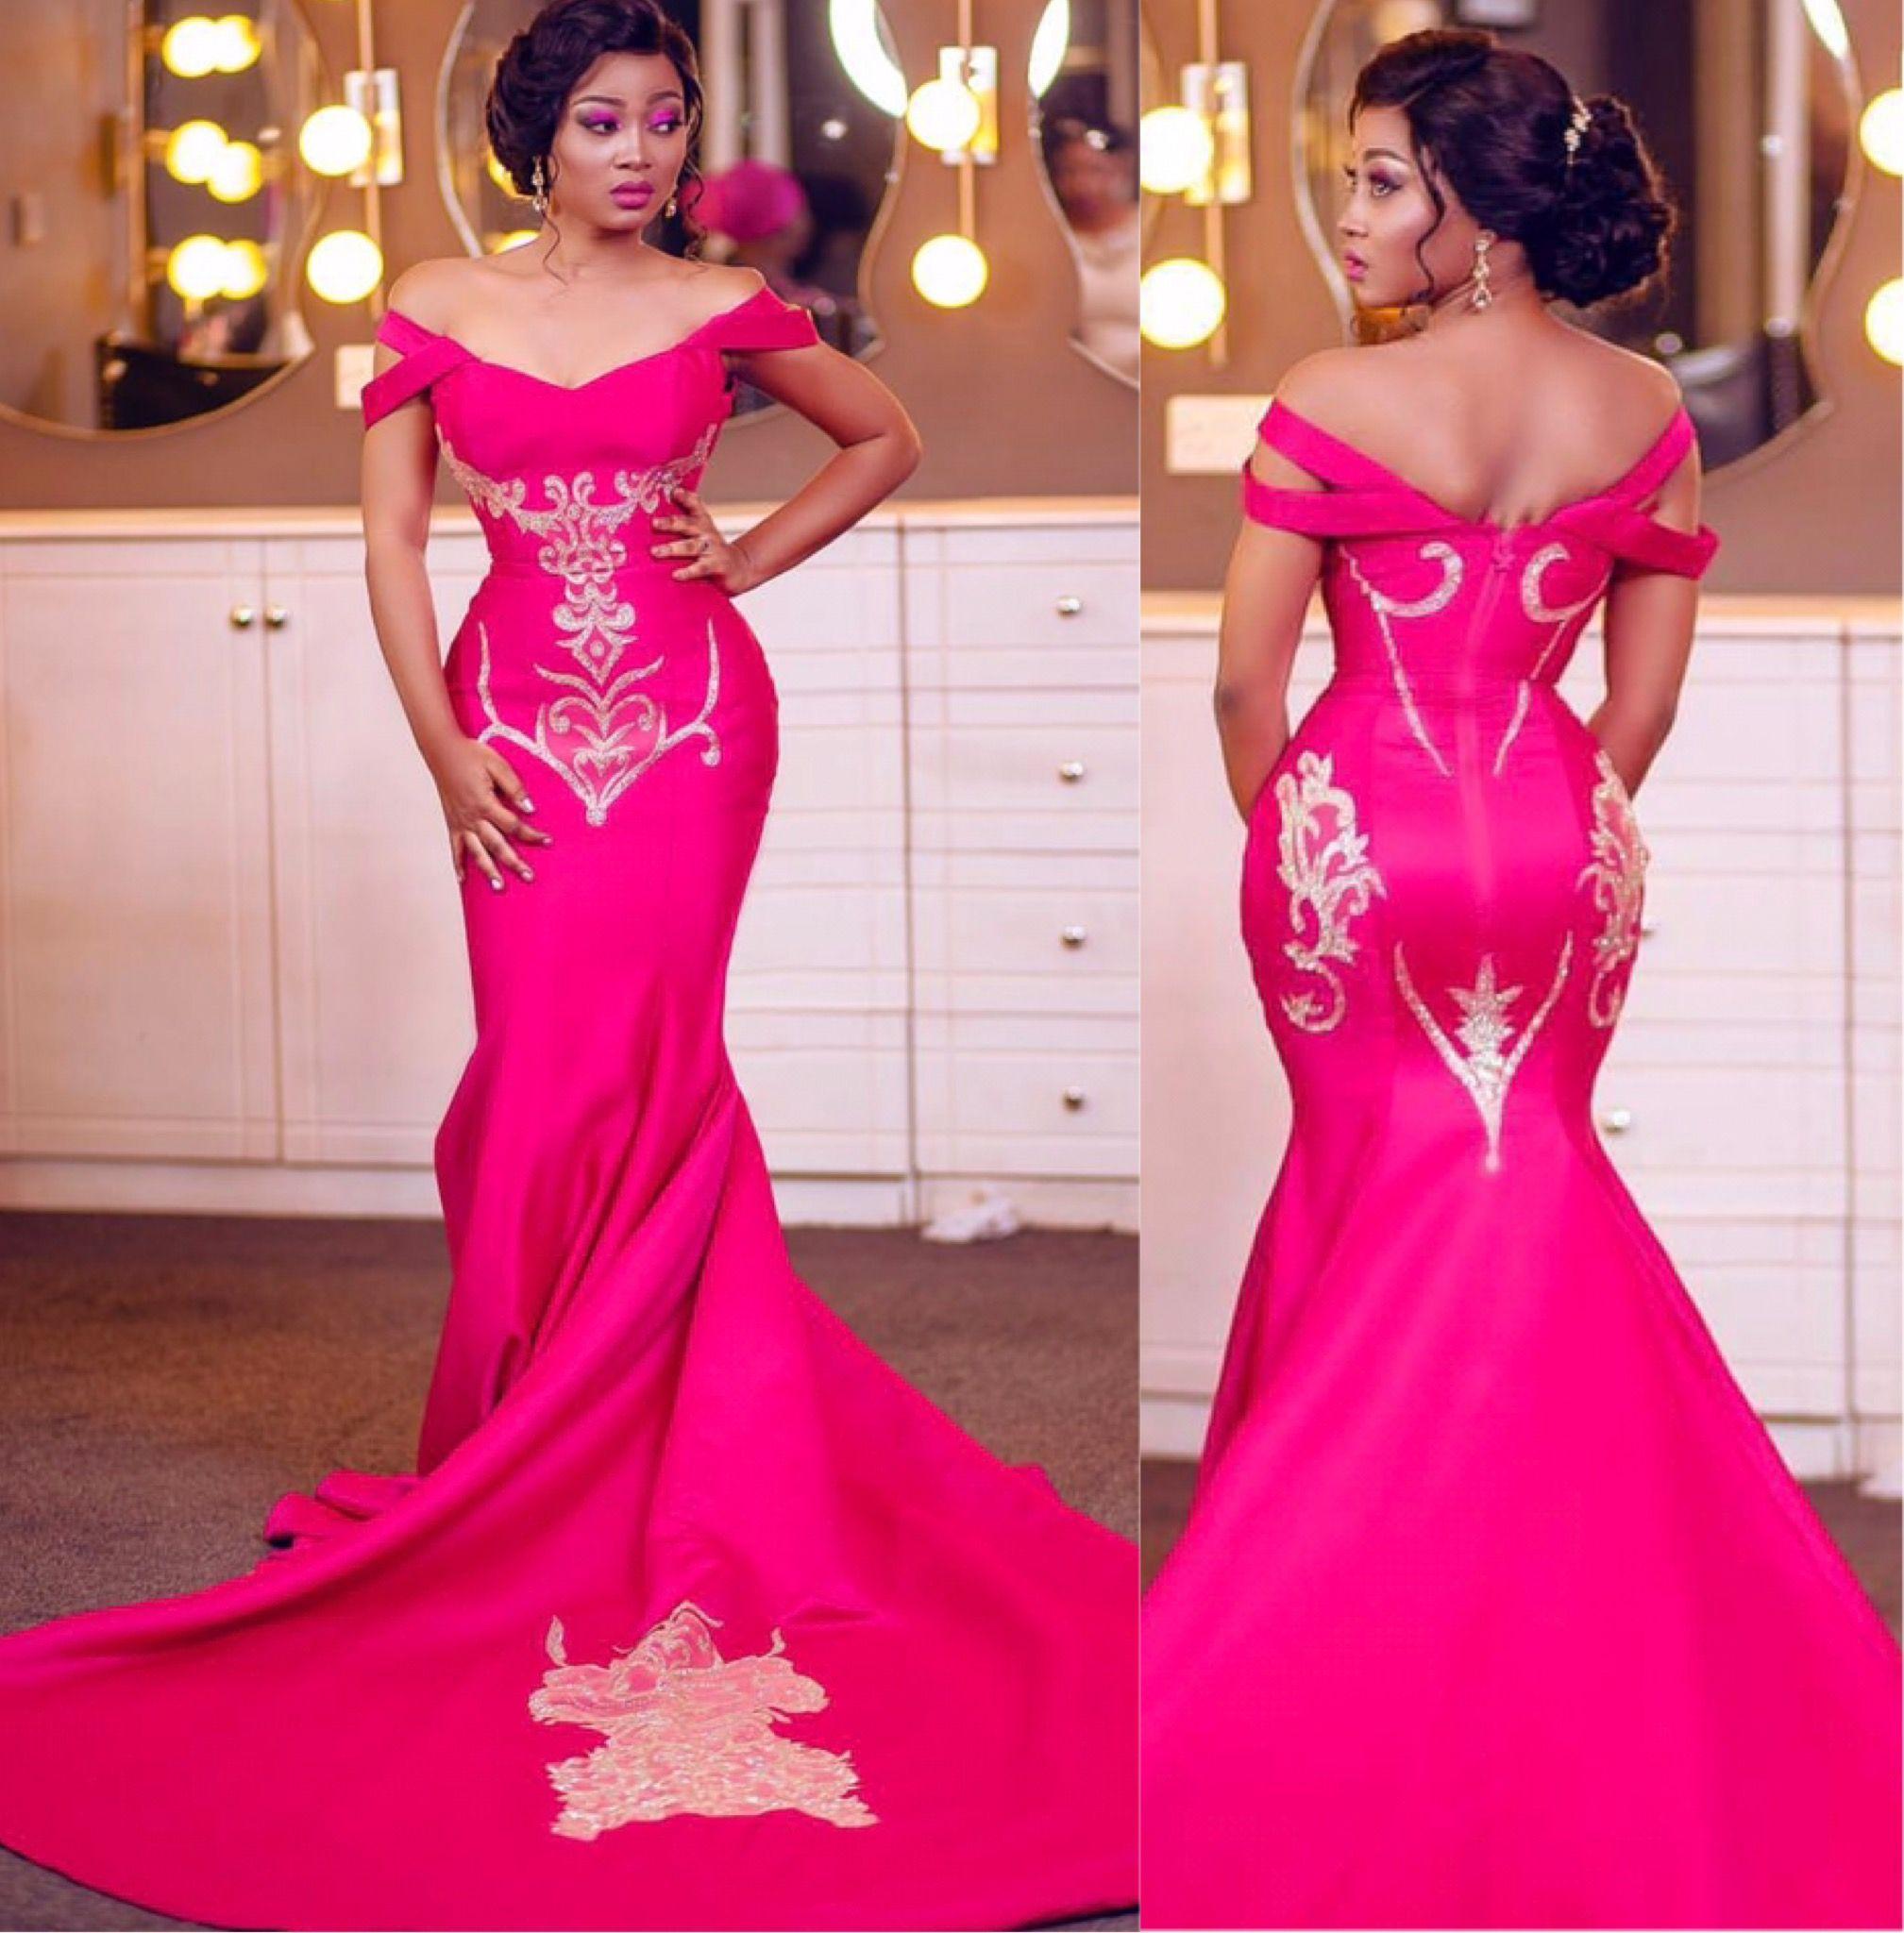 Pin de nana twumasi en g | Pinterest | Modelo y Vestiditos